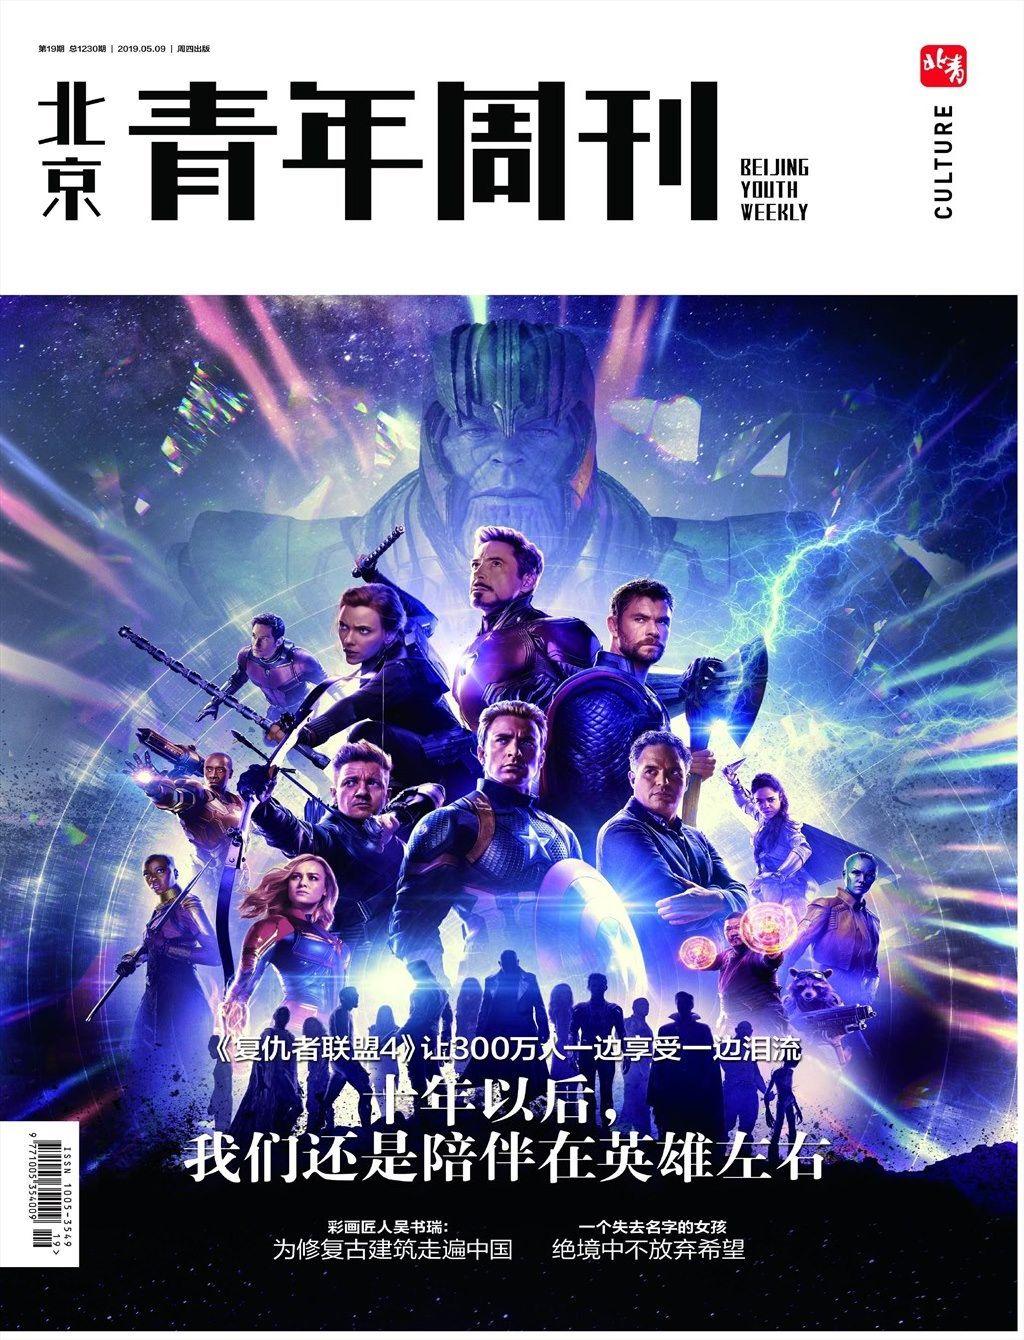 北京青年周刊 2019第19期